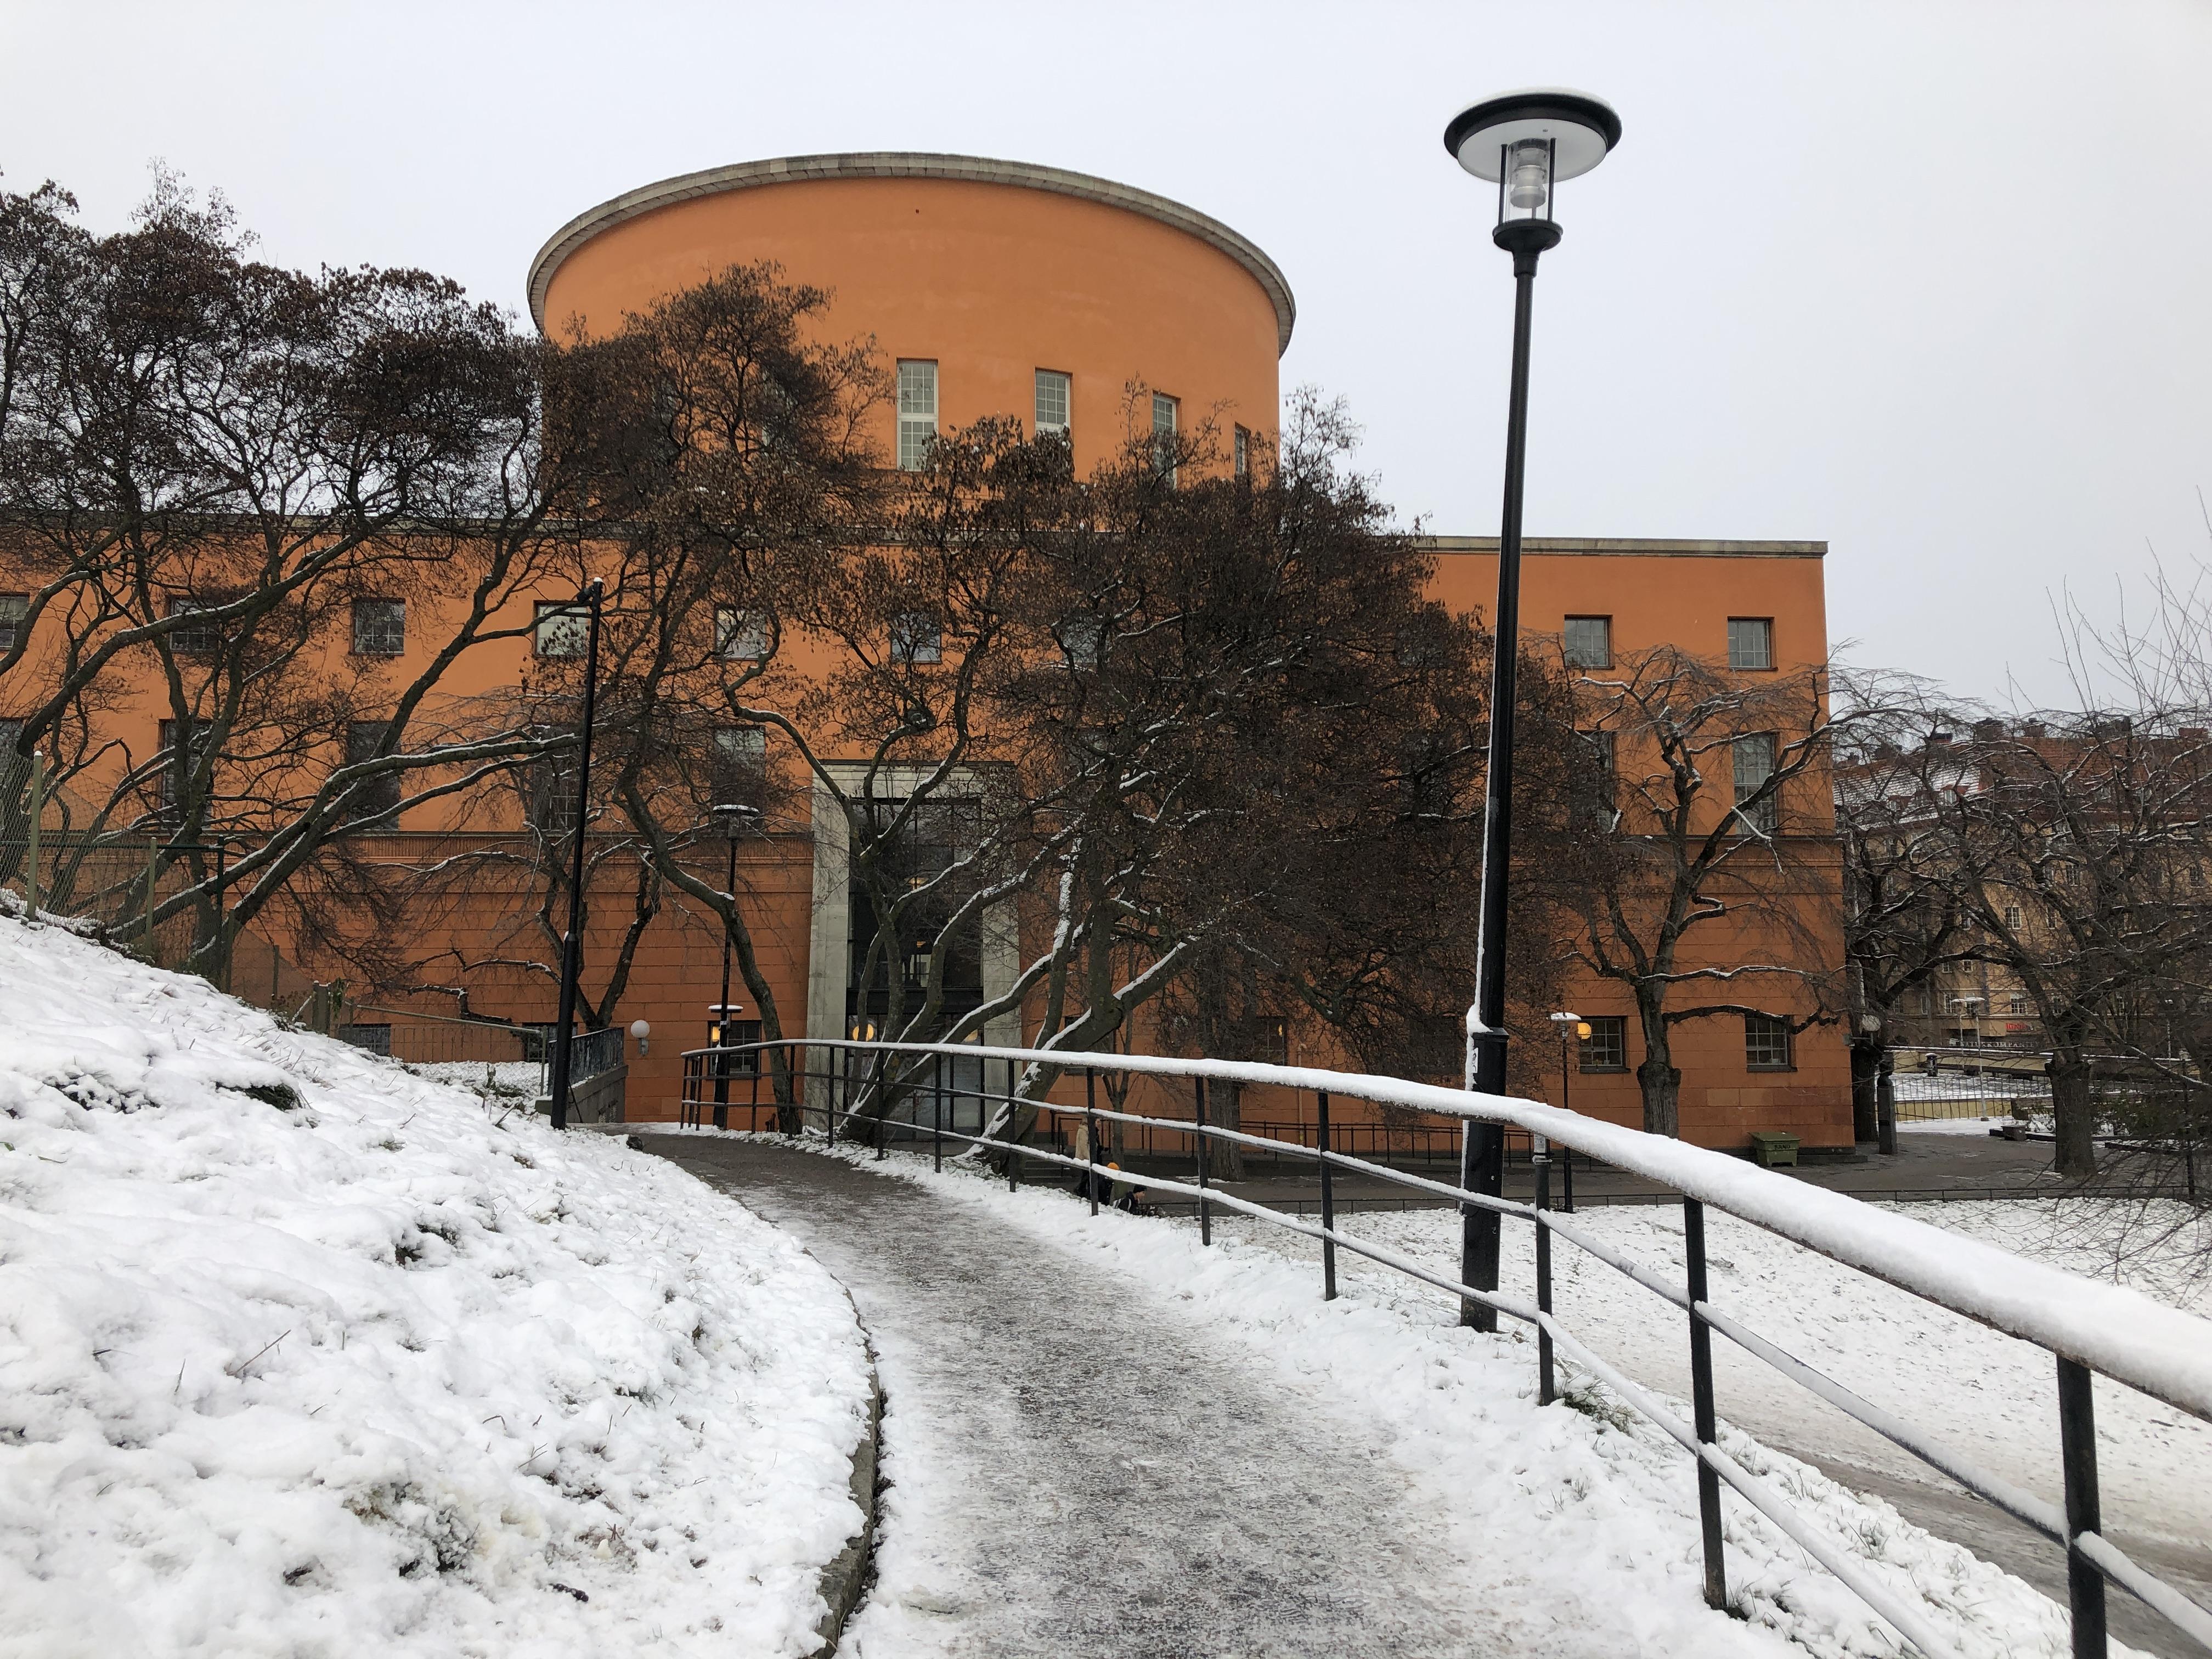 Perpustakaan Kota Stockholm di musim dingin